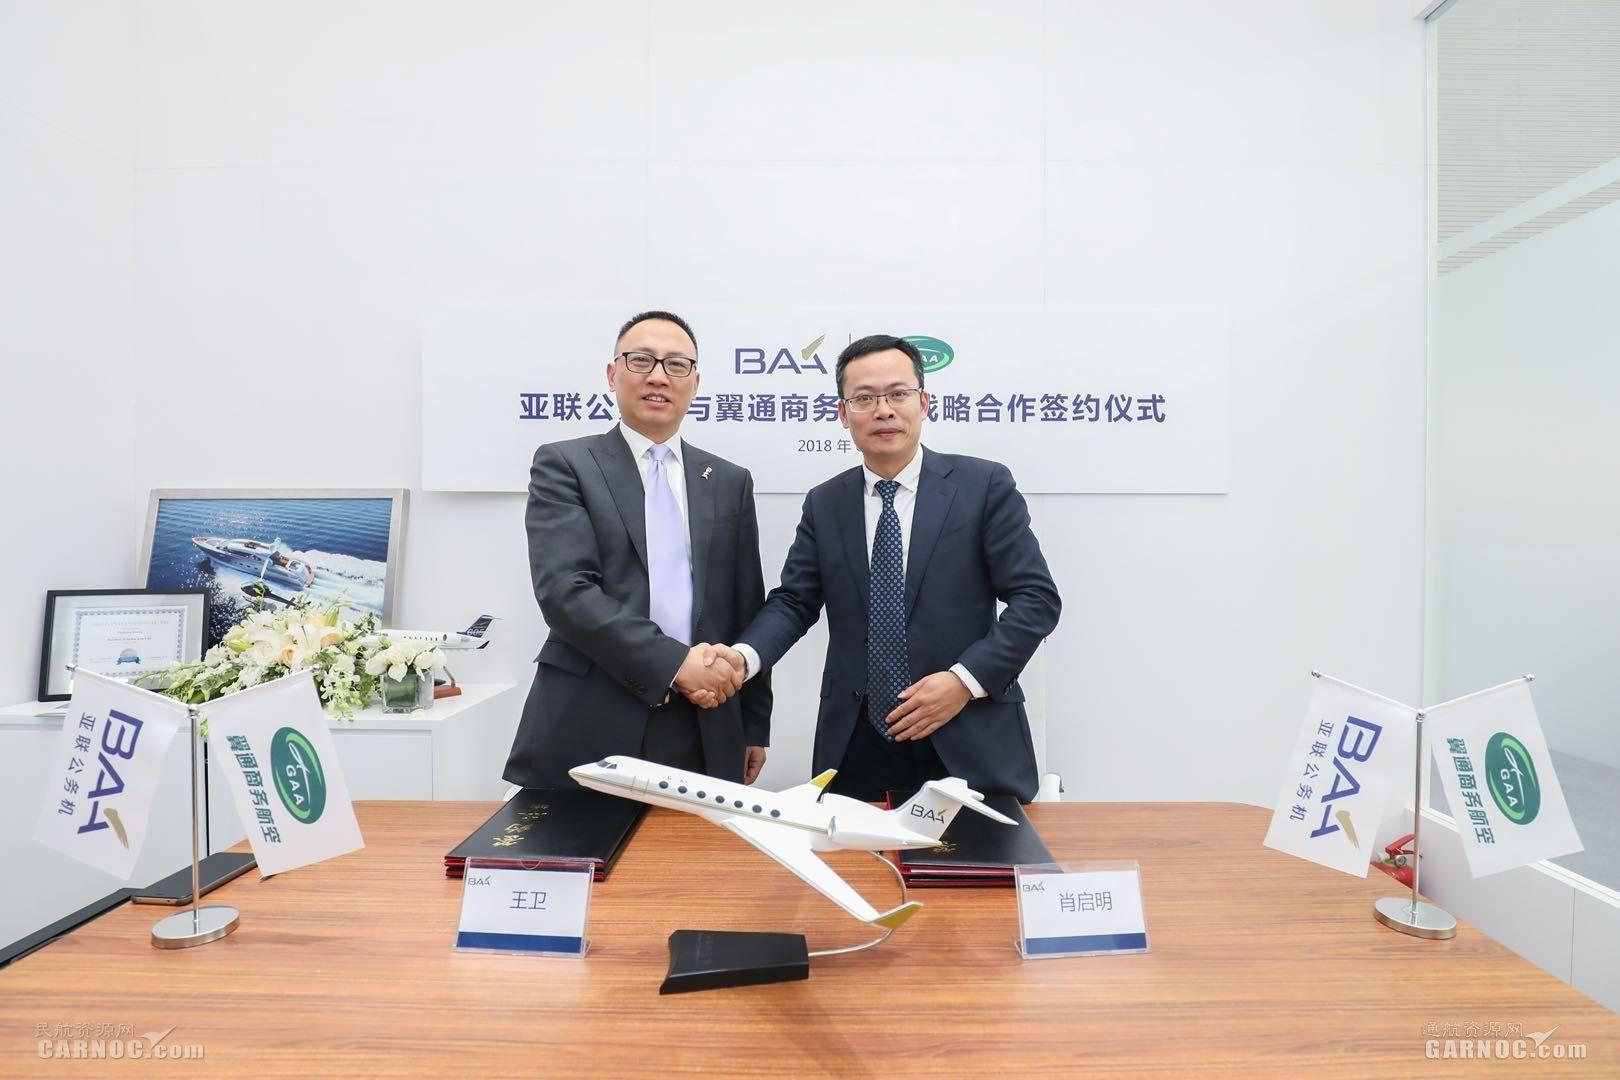 亚联公务机与东方公务航空等签署战略合作协议